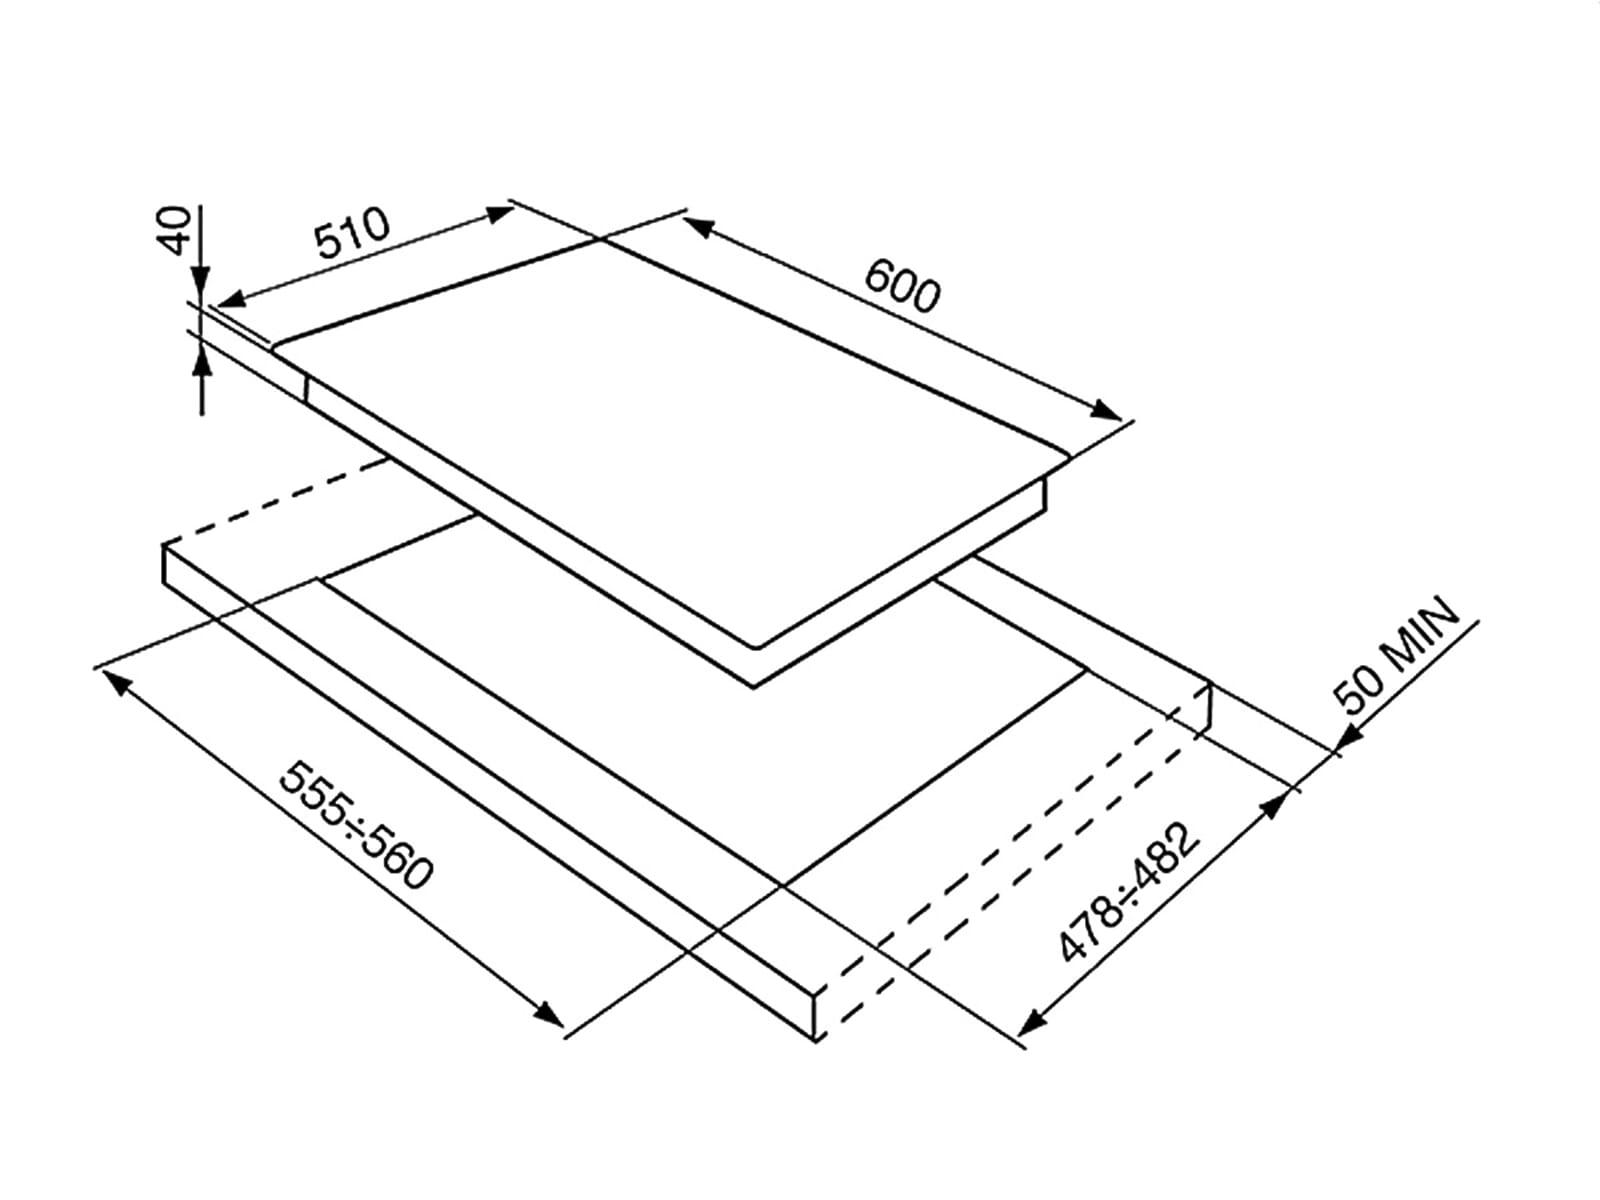 smeg p261xghd edelstahl gaskochfeld autark 60cm kochzone kochmulde kochstelle ebay. Black Bedroom Furniture Sets. Home Design Ideas